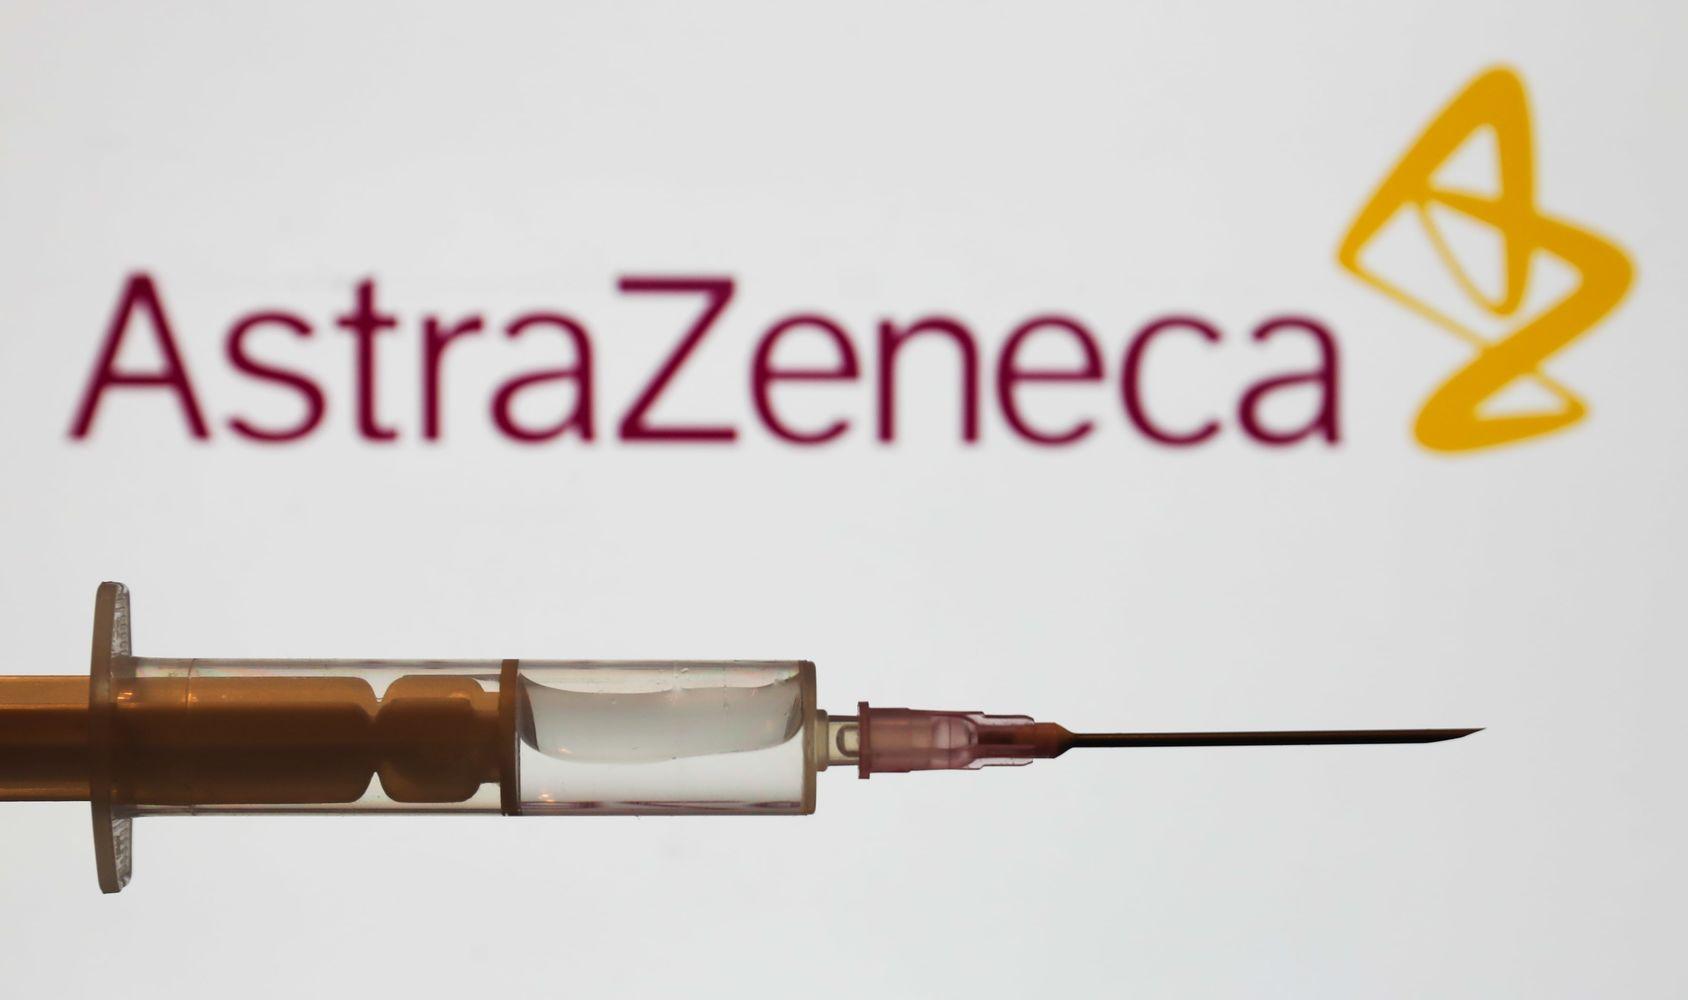 AstraZeneca obtiene inmunidad parcial para su vacuna en un acuerdo de bajo coste con la UE